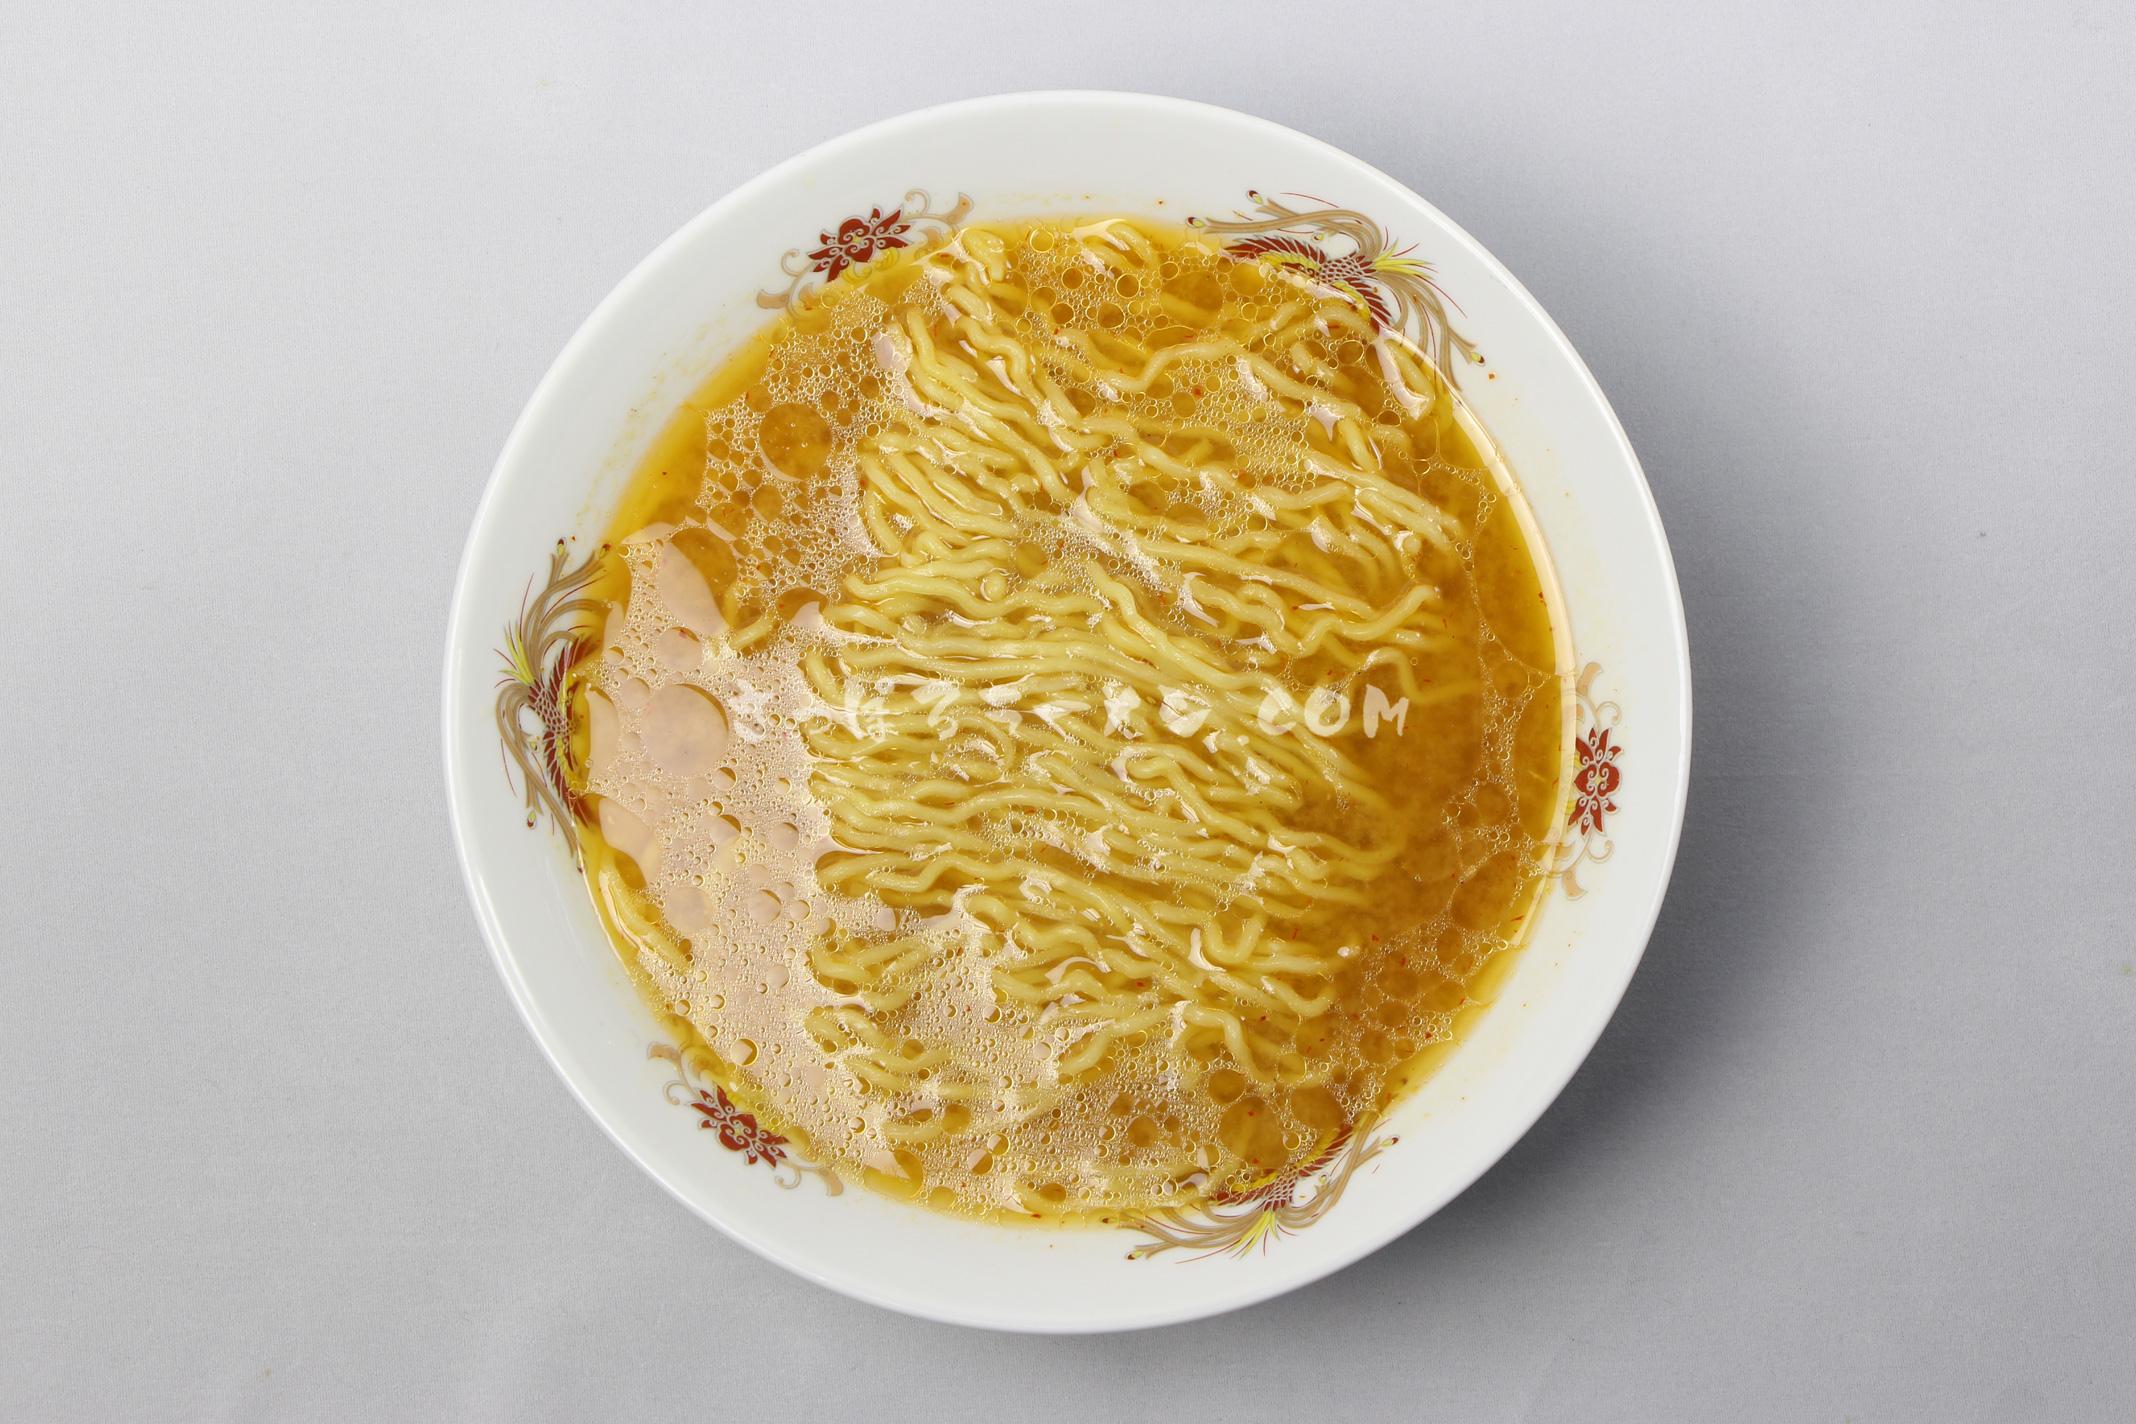 「氷温乾燥ラーメン 玄咲 みそ味」(創和)の完成画像